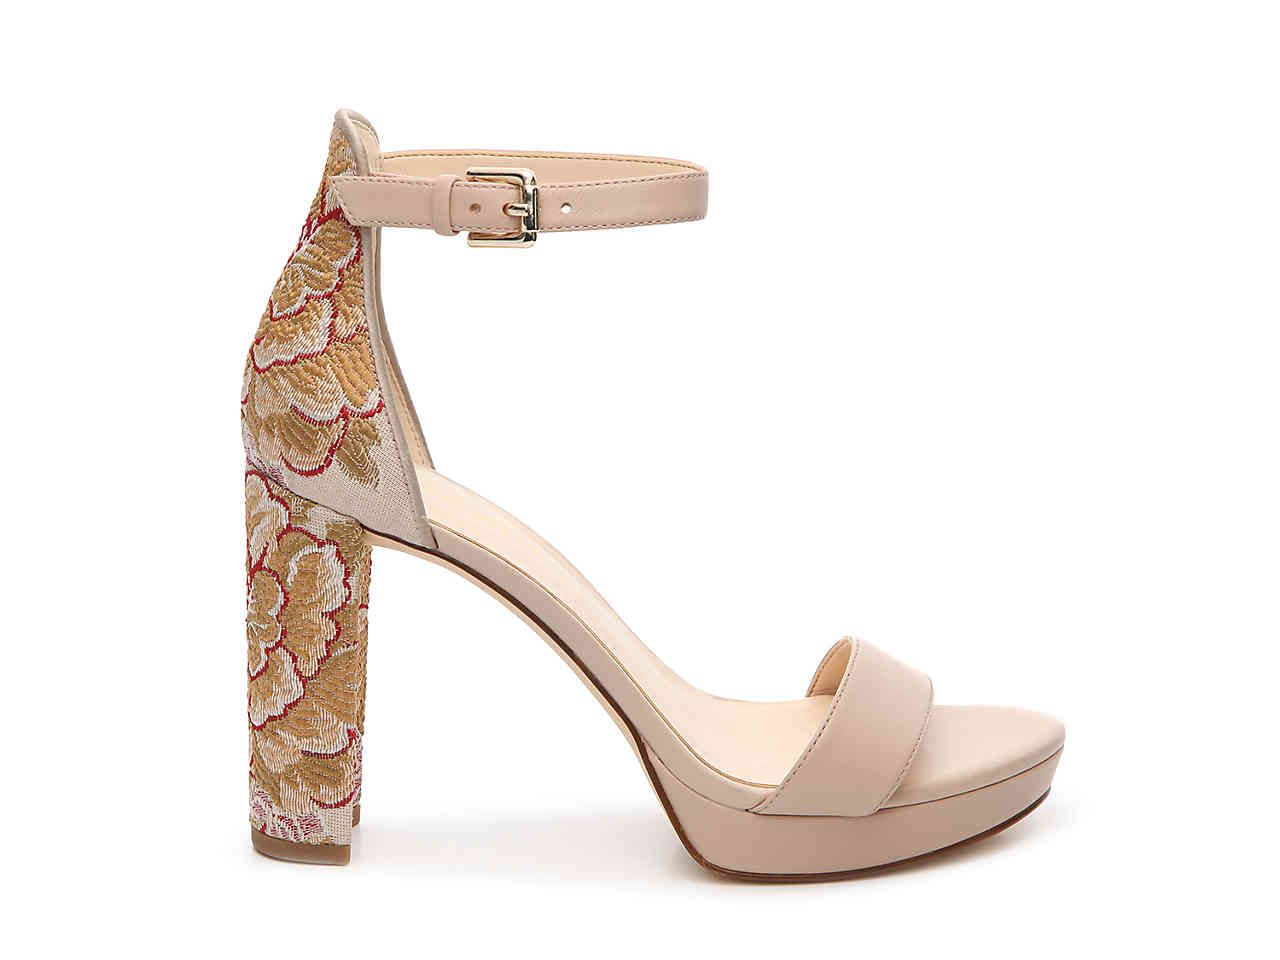 52886e29e1 Nine West Doyurthing Sandal Women's Shoes | DSW | Tooredmasher Fo ...